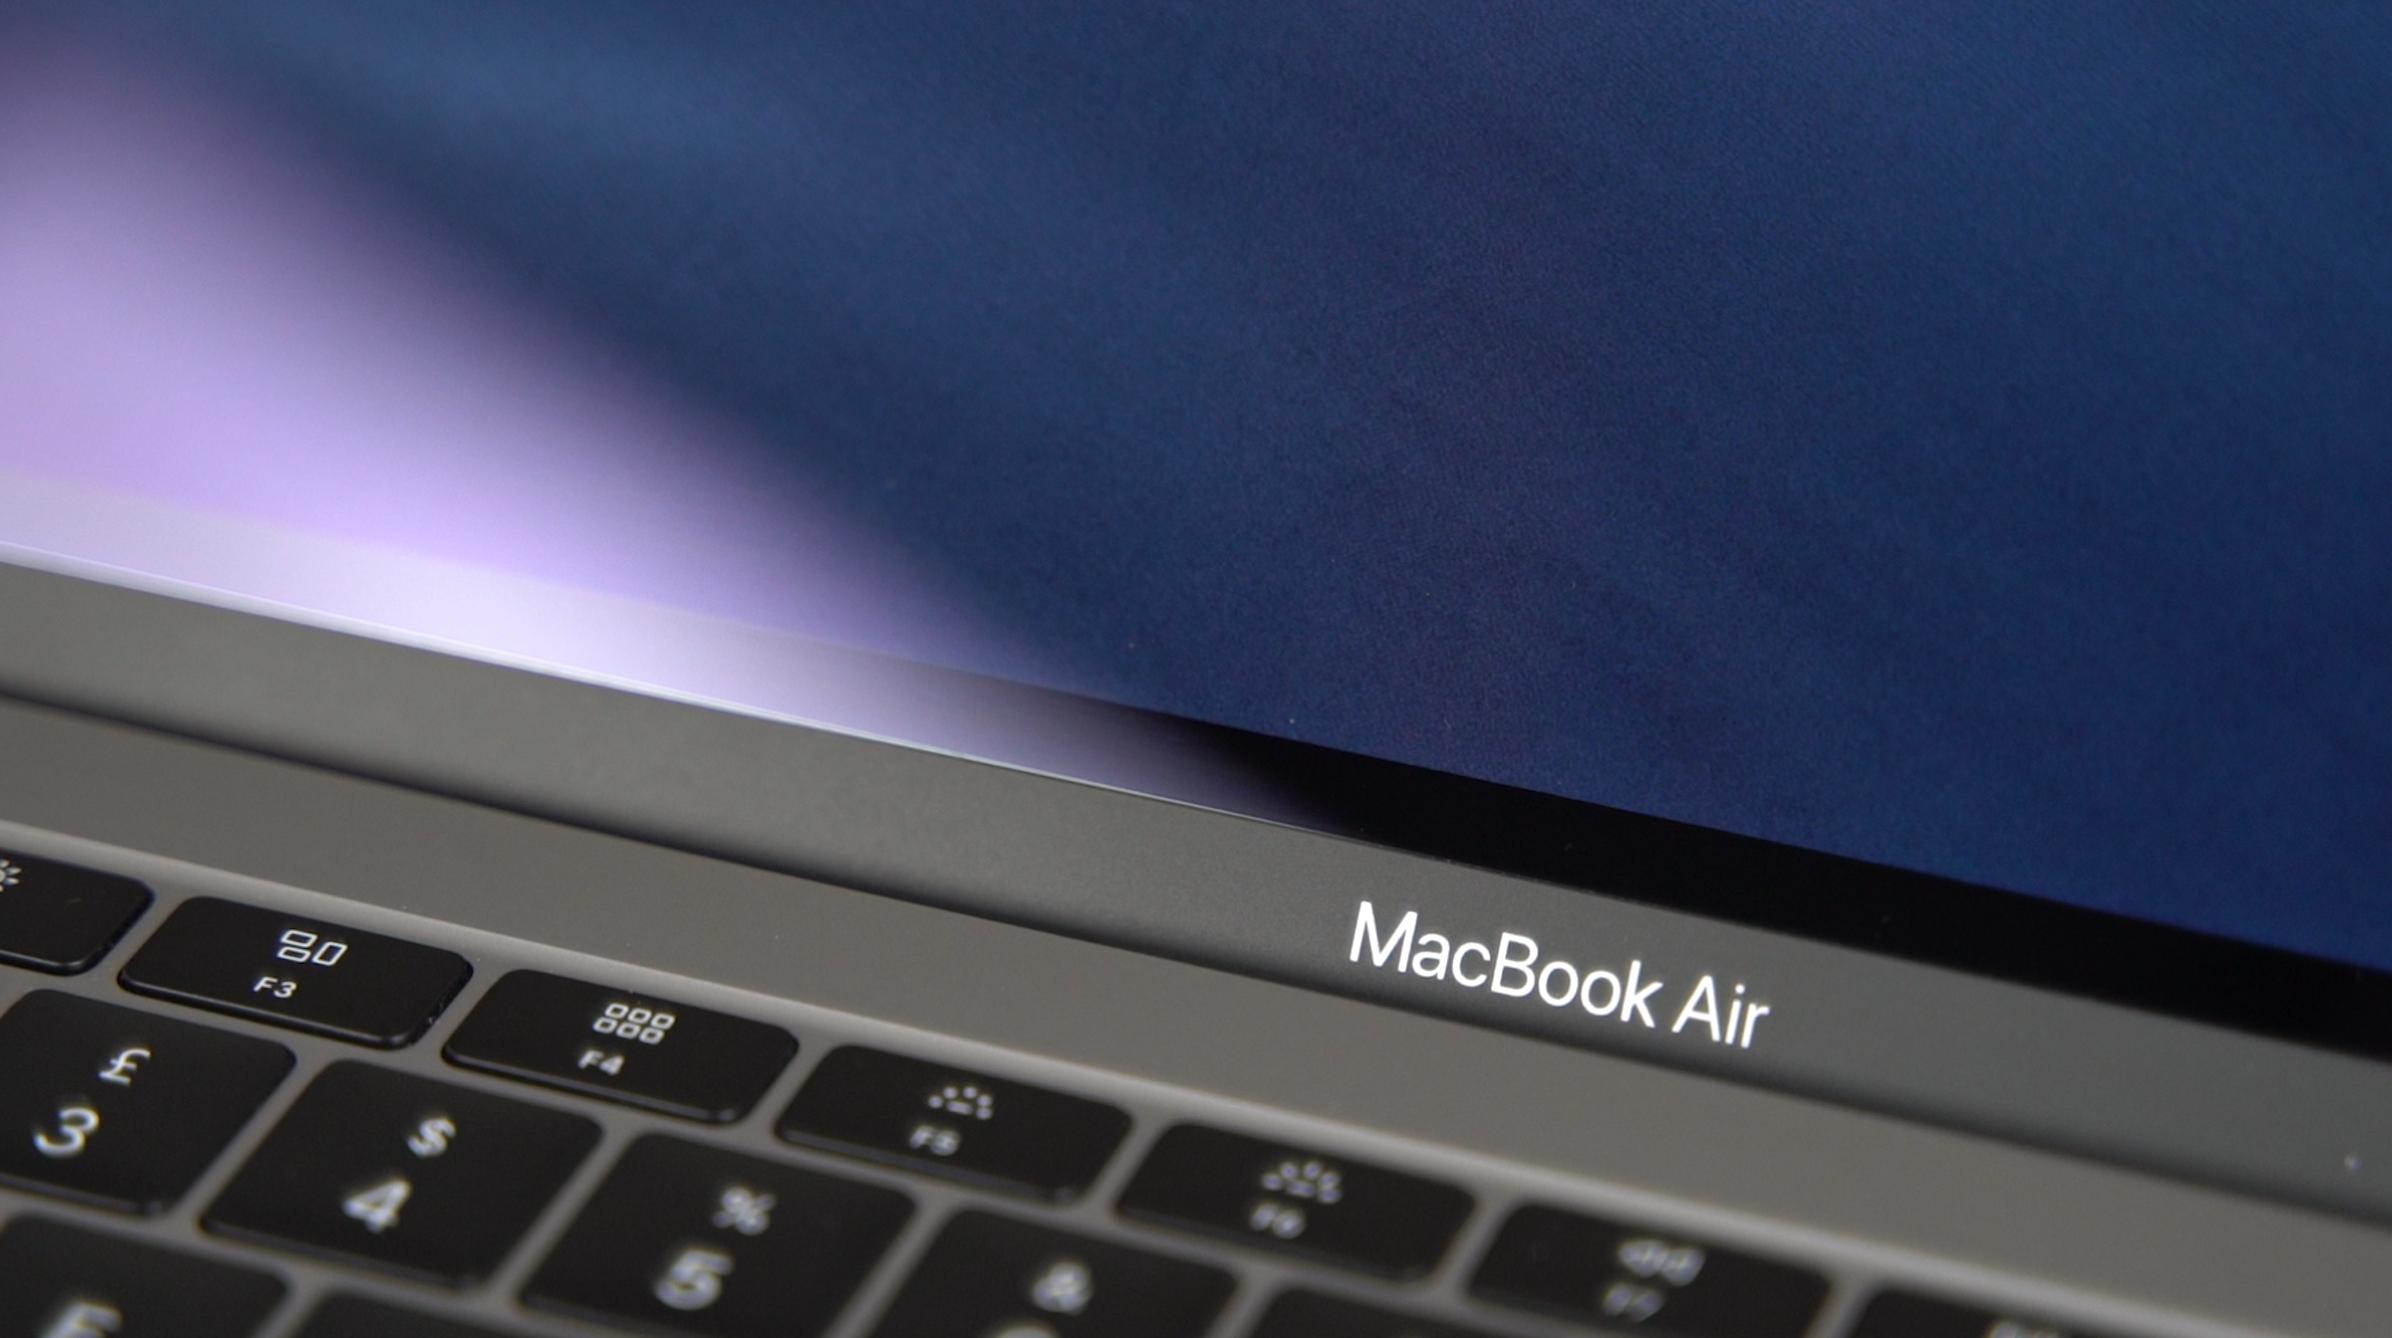 Recensione MacBook Air (2018): può sostituire un MacBook Pro 13? 1